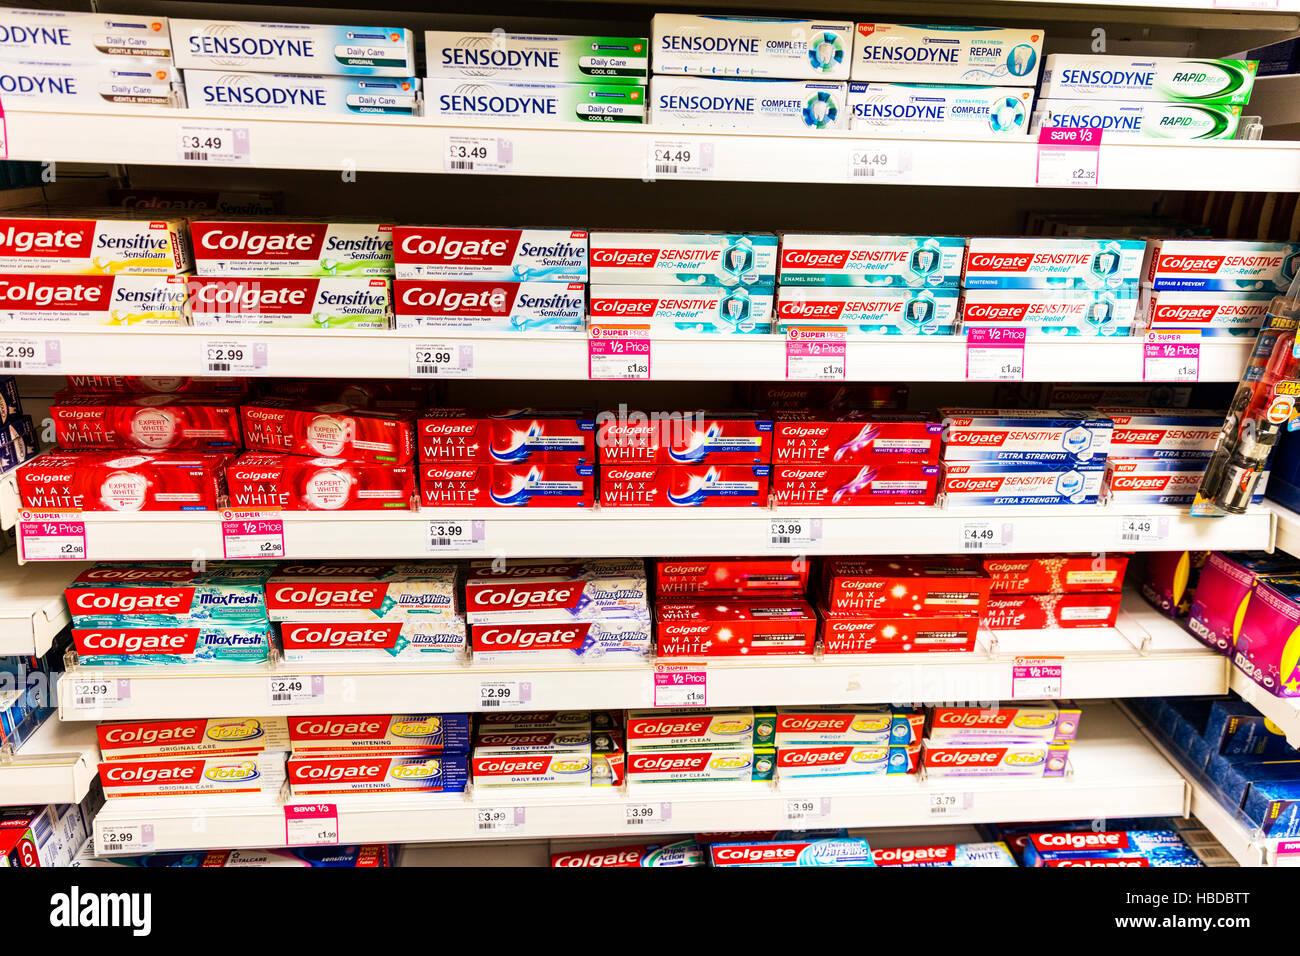 Toothpaste Colgate Imágenes De Stock   Toothpaste Colgate Fotos De ... 77031d24697d